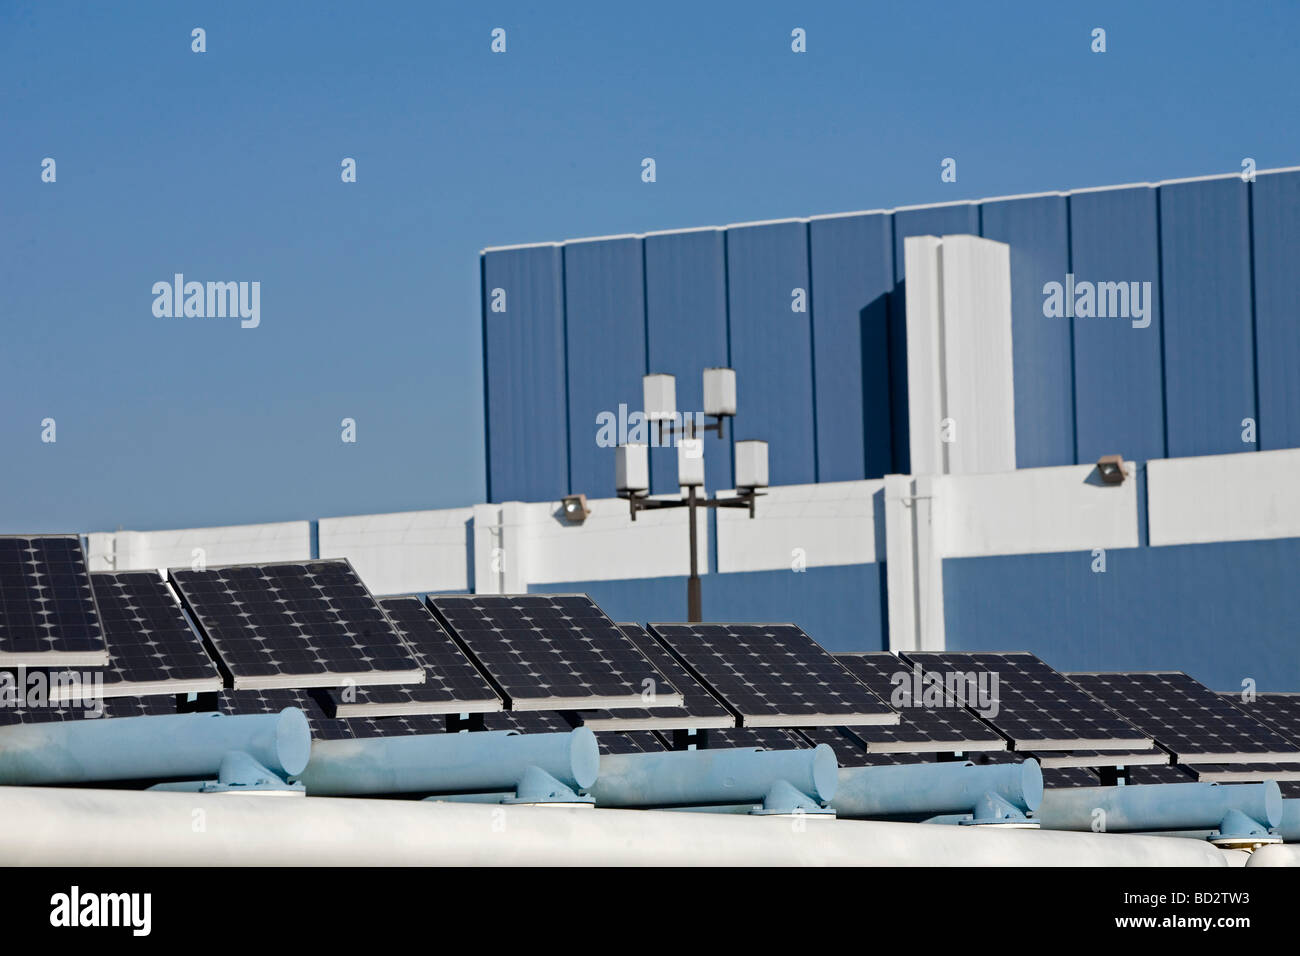 Sonnenkollektoren im Stadtbild Stockfoto